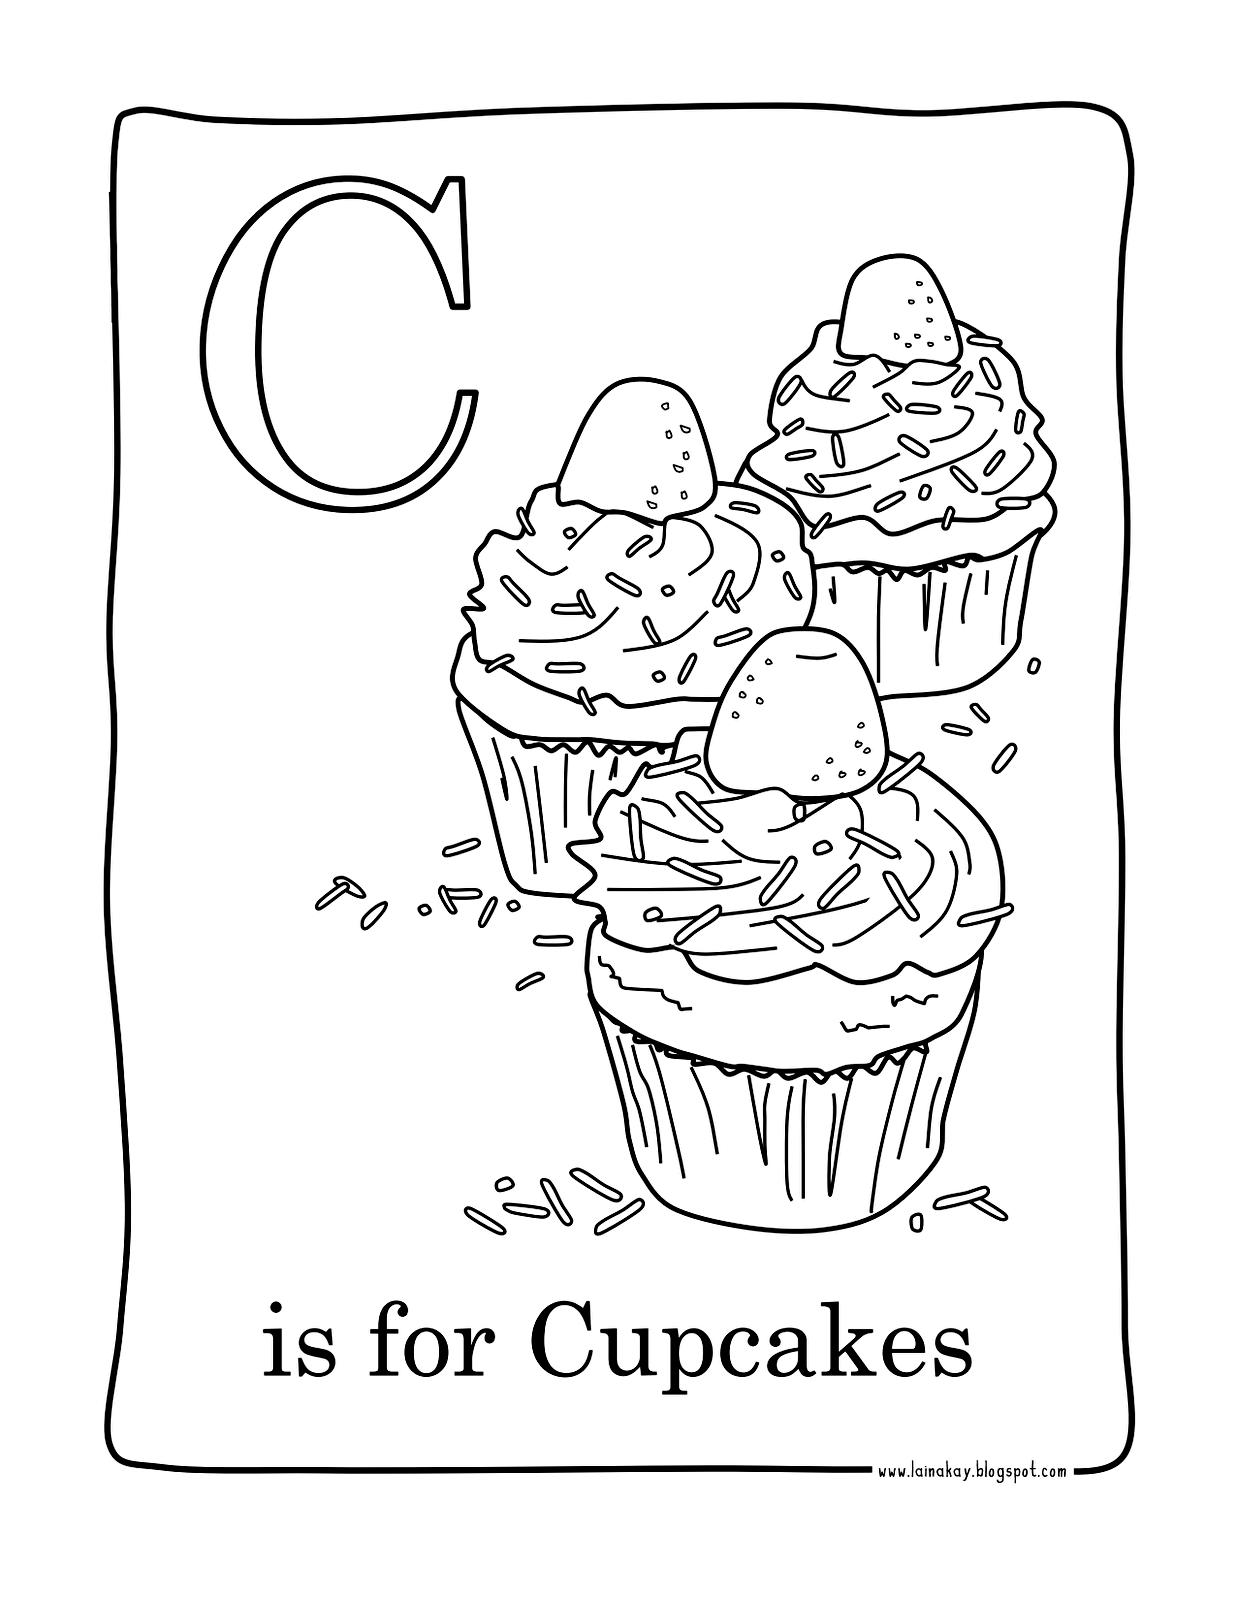 Colorear para adultos  : Cupcakes - 6